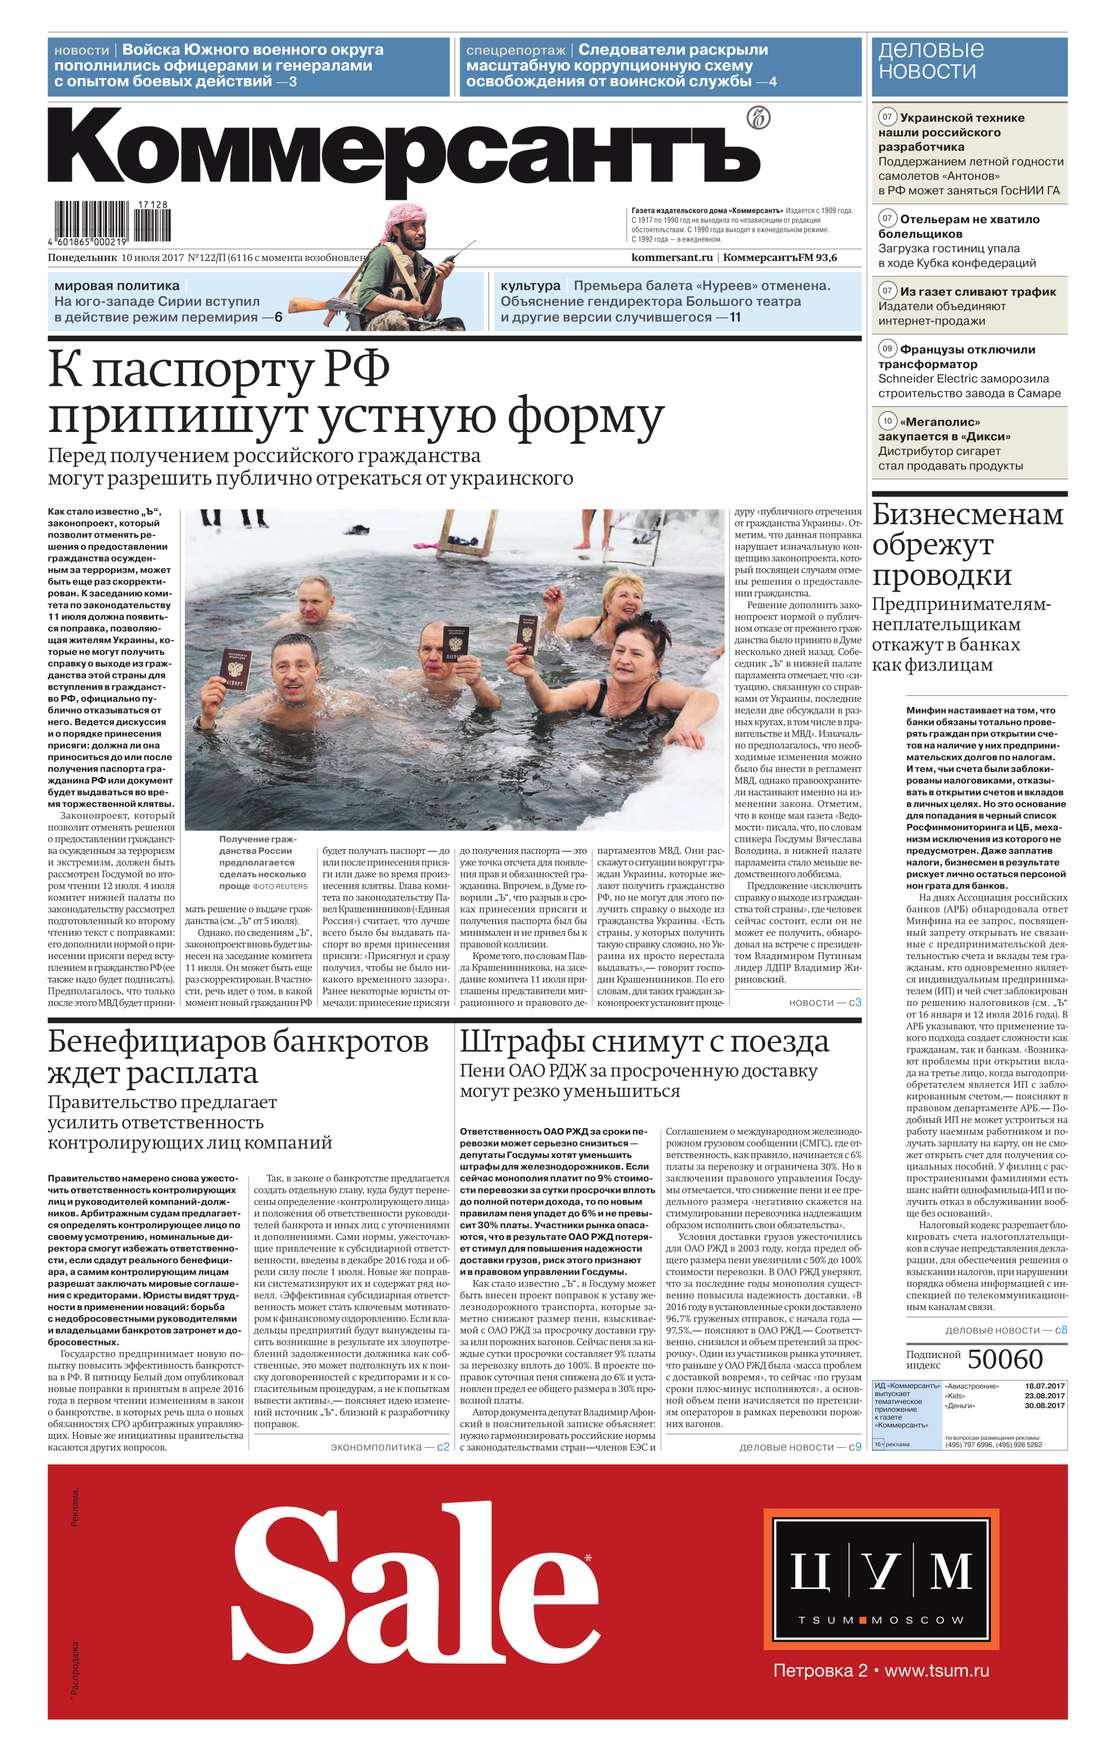 Редакция газеты Коммерсантъ (понедельник-пятница) Коммерсантъ (понедельник-пятница) 122-2017 цена